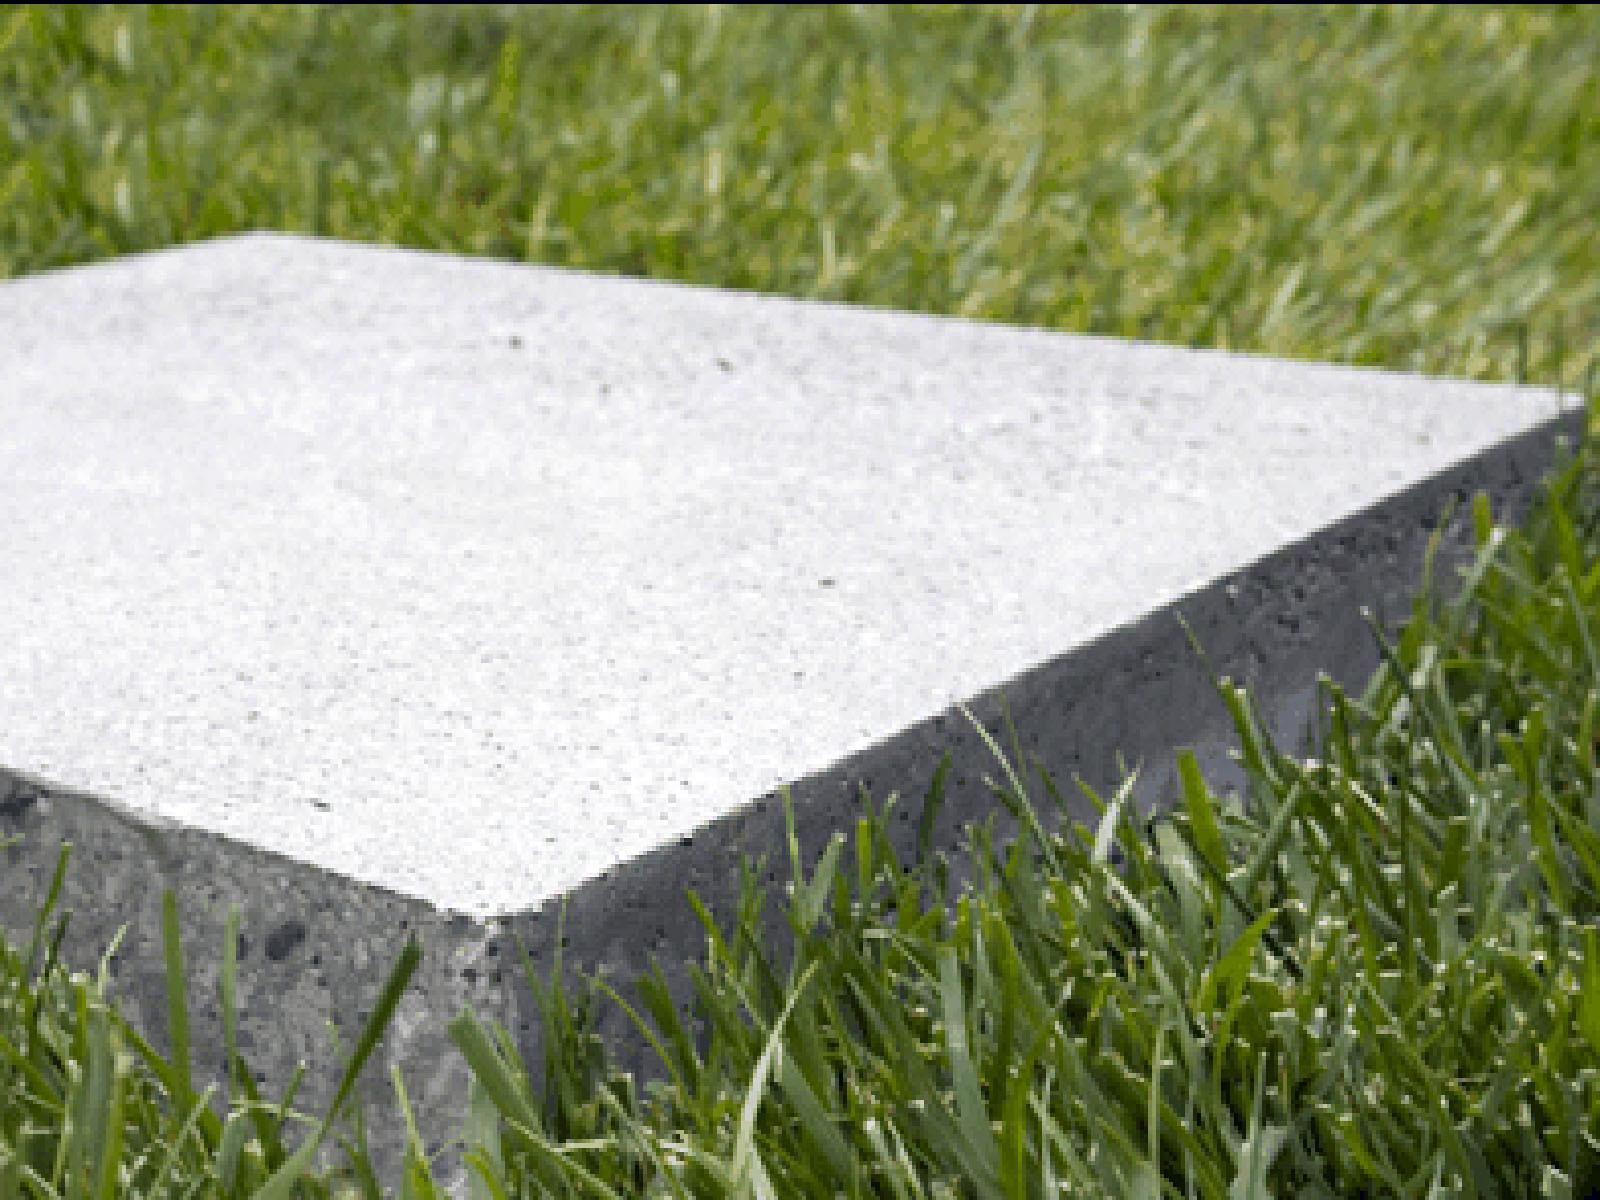 Новый экологически безопасный строительный материал - углекислый бетон, был открыт учеными